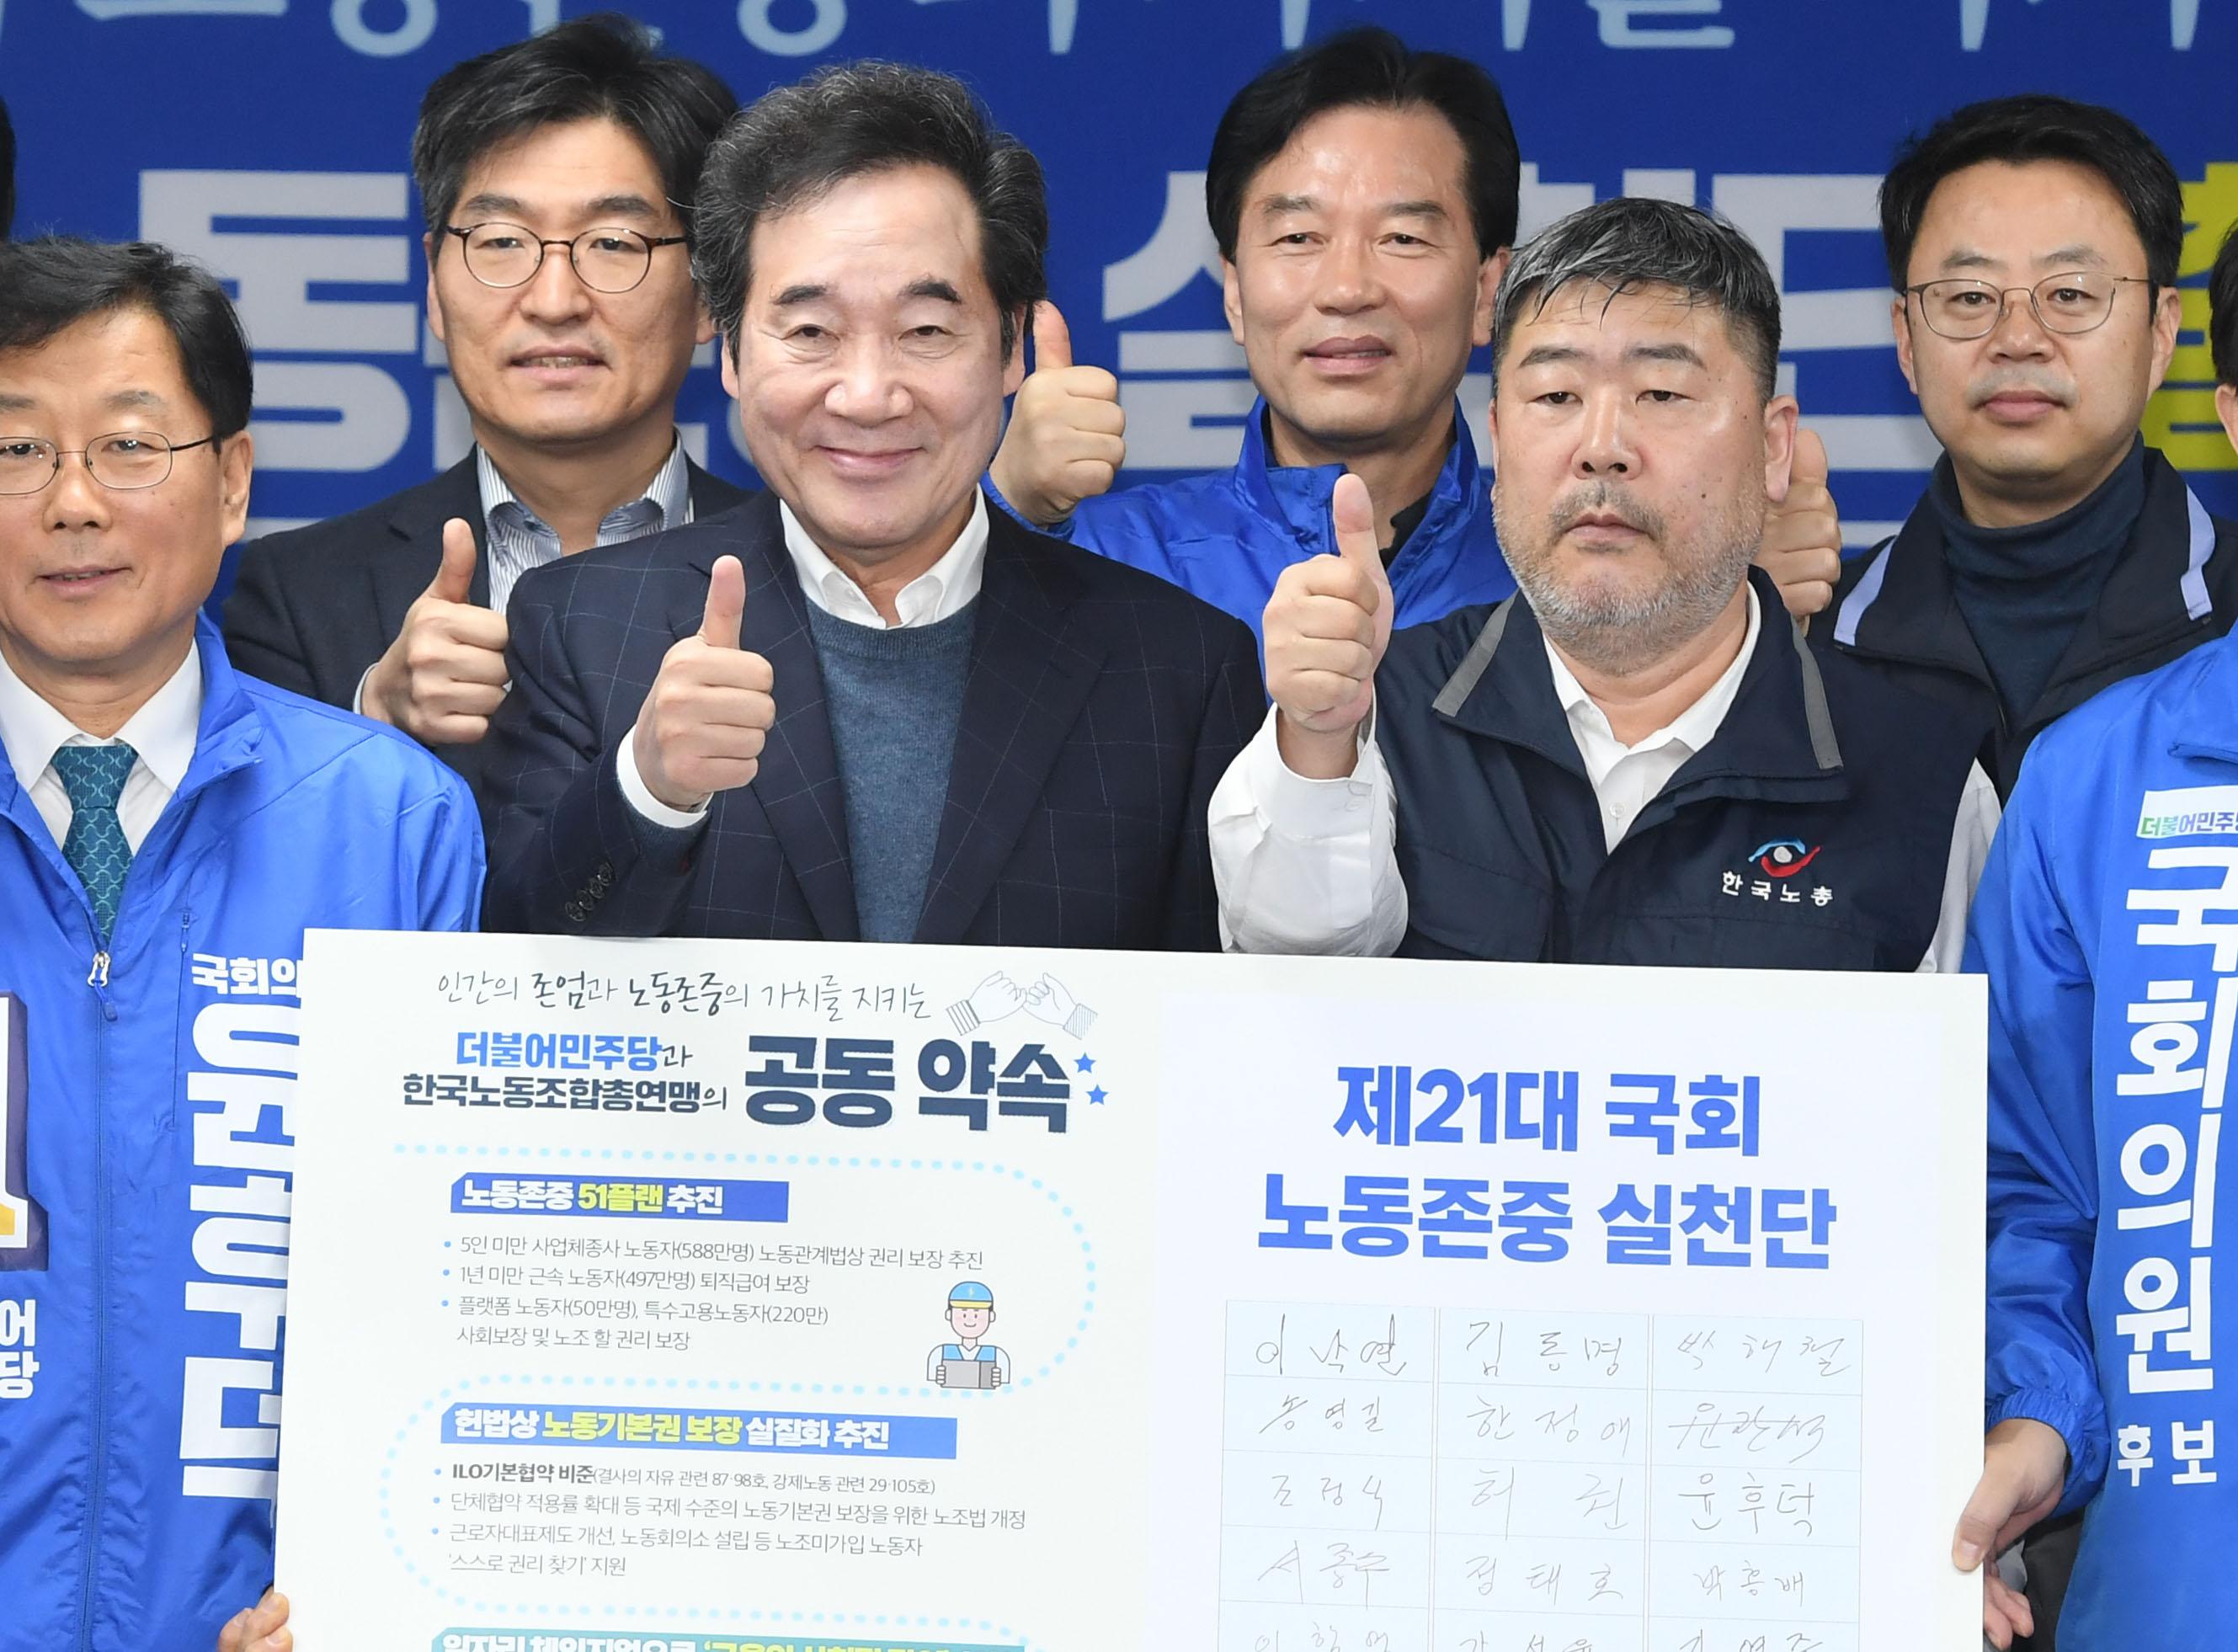 민주당, 제21대 총선 노동존중실천단 출정식